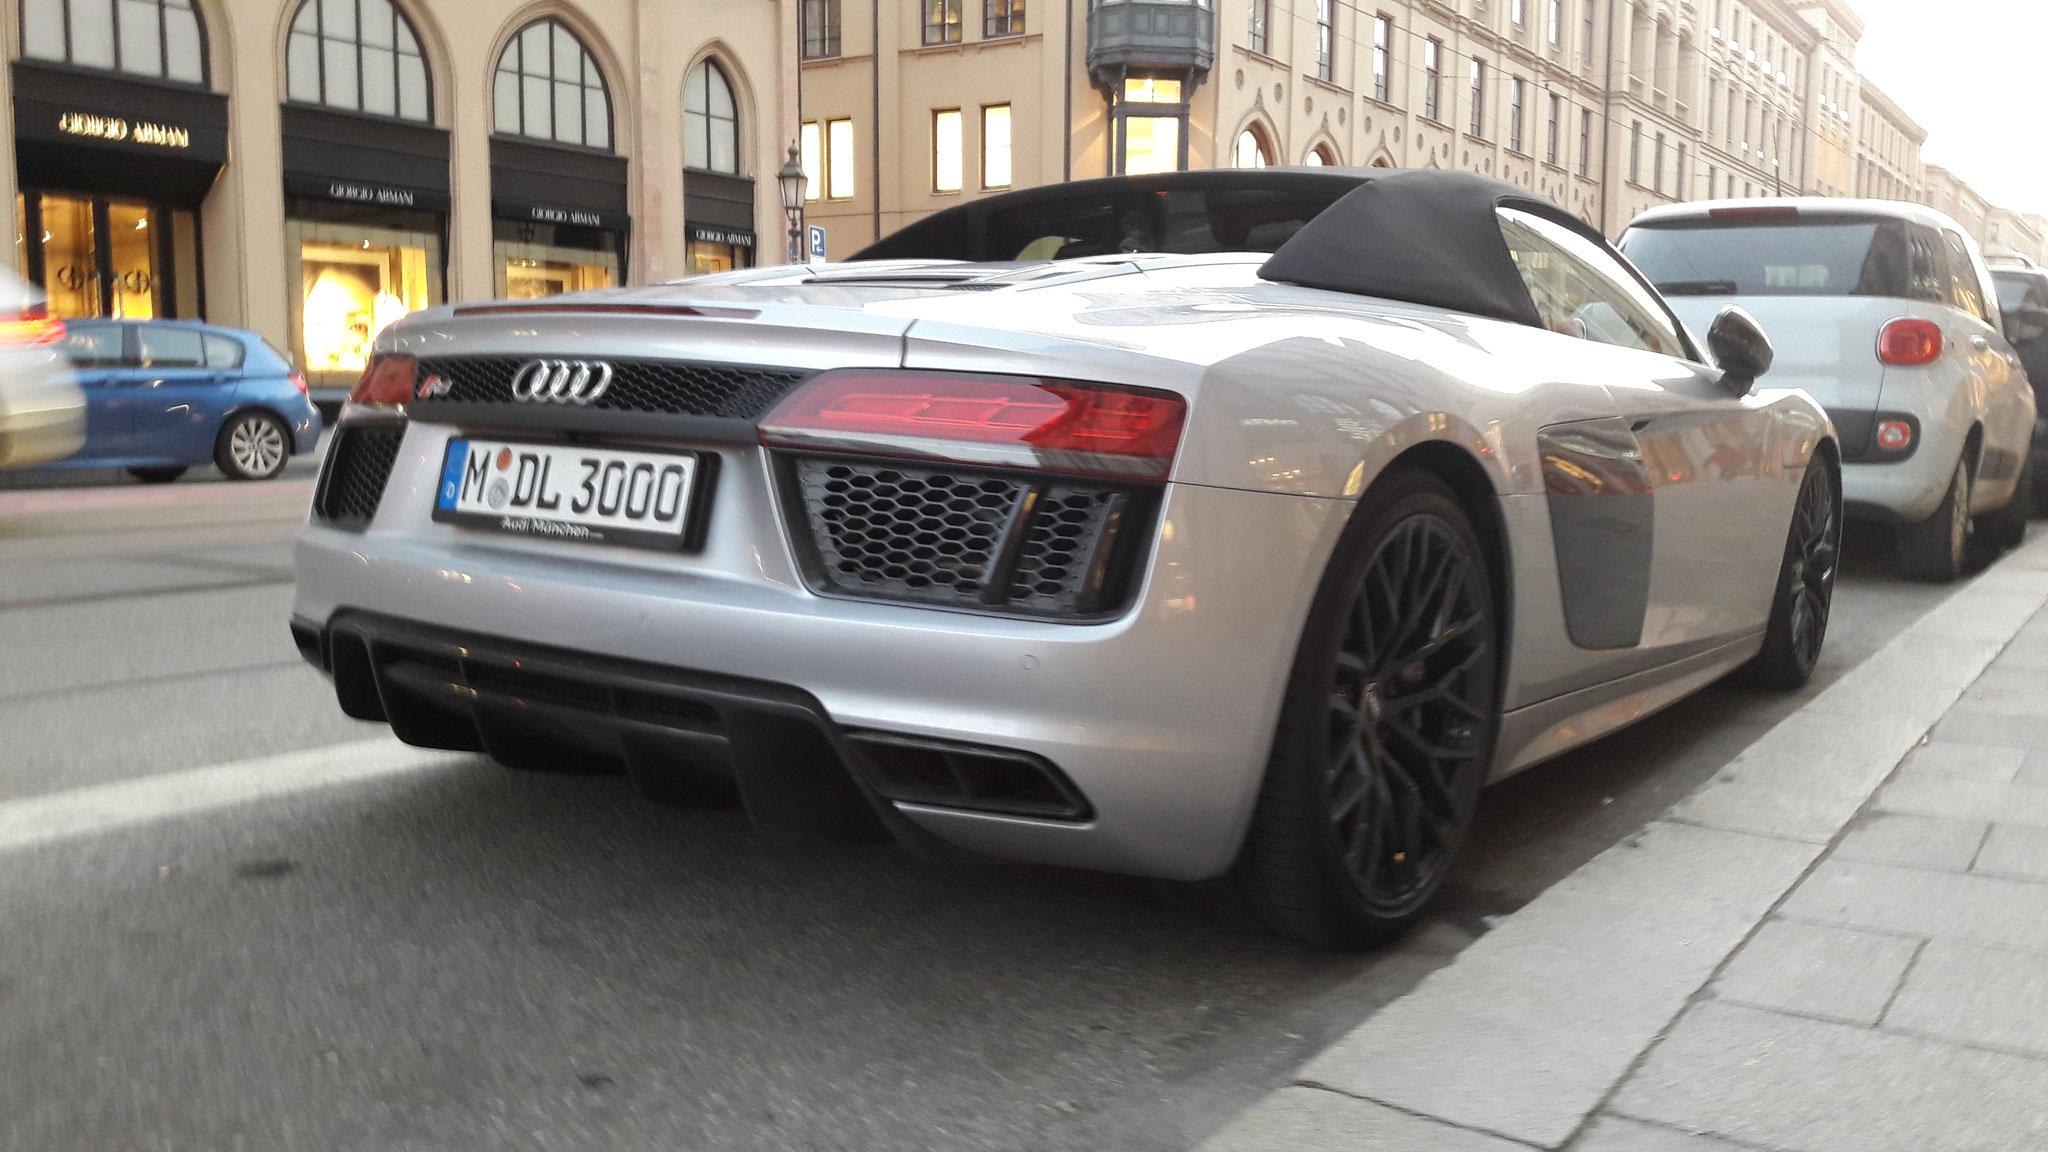 Audi R8 V10 Spyder - M-DL-3000